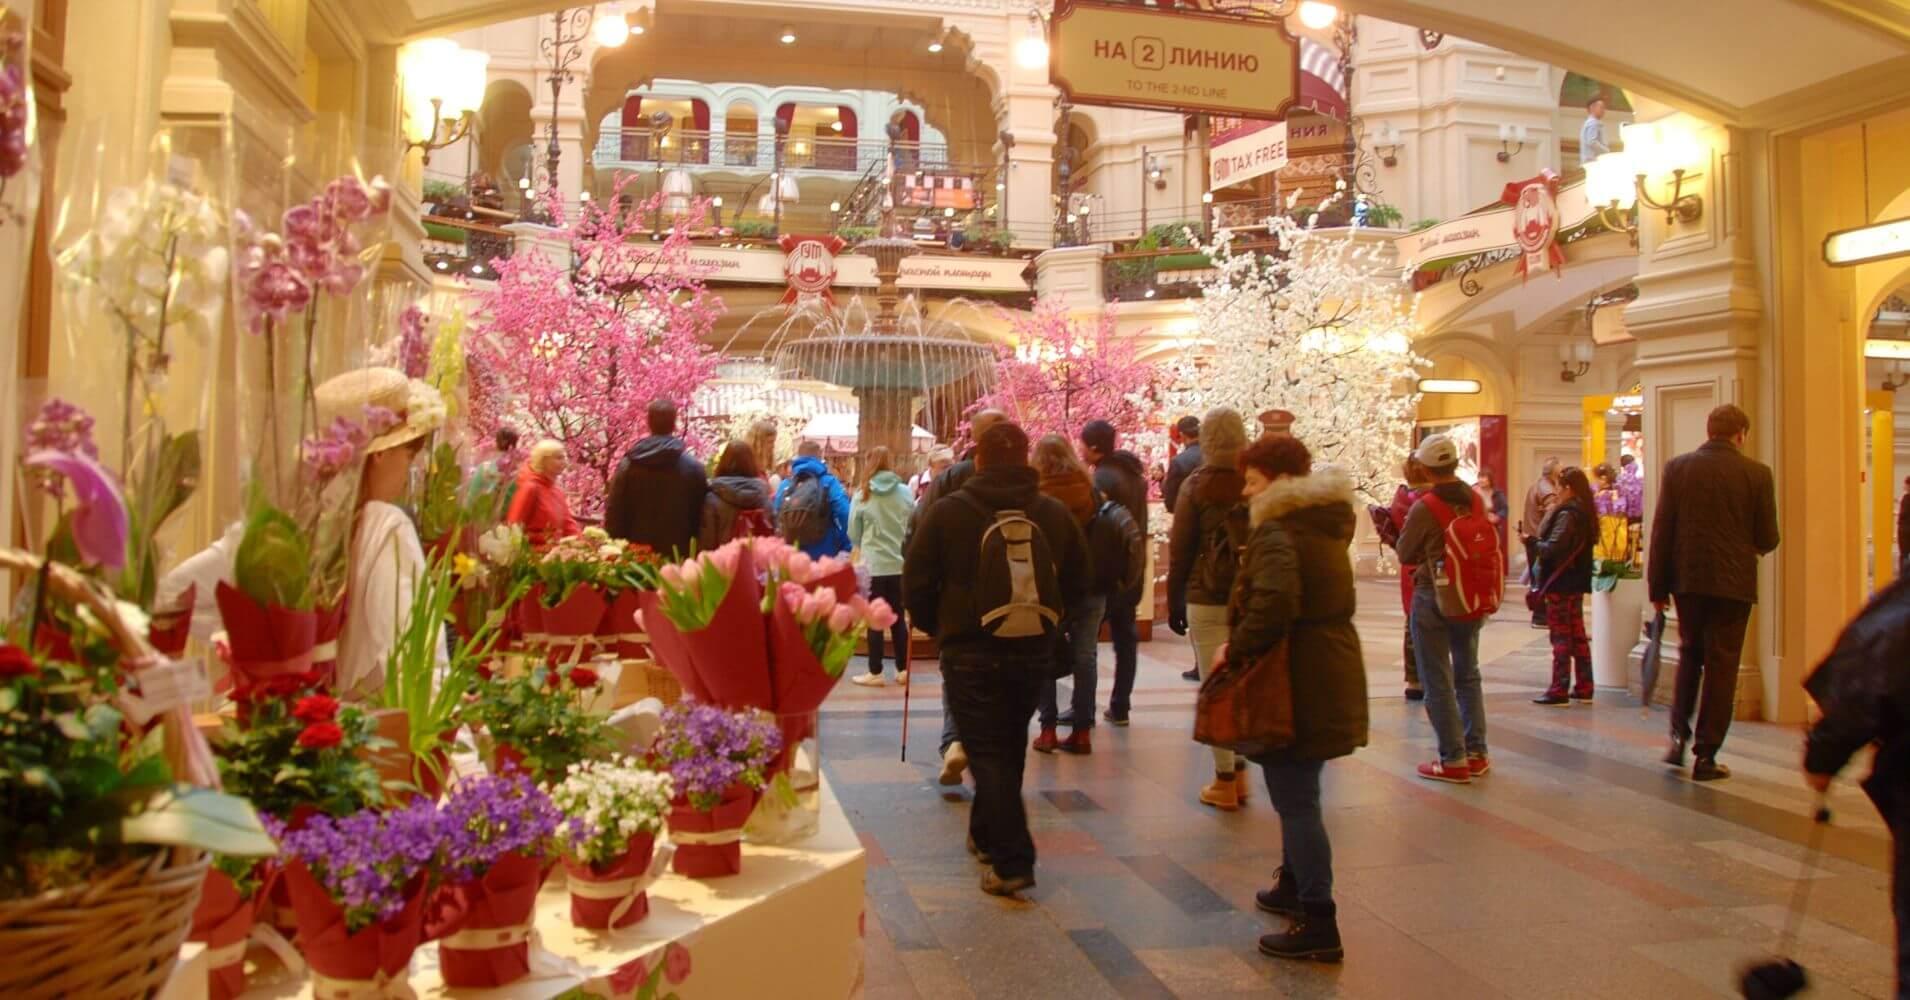 Galerías Gum, Moscú. Rusia.